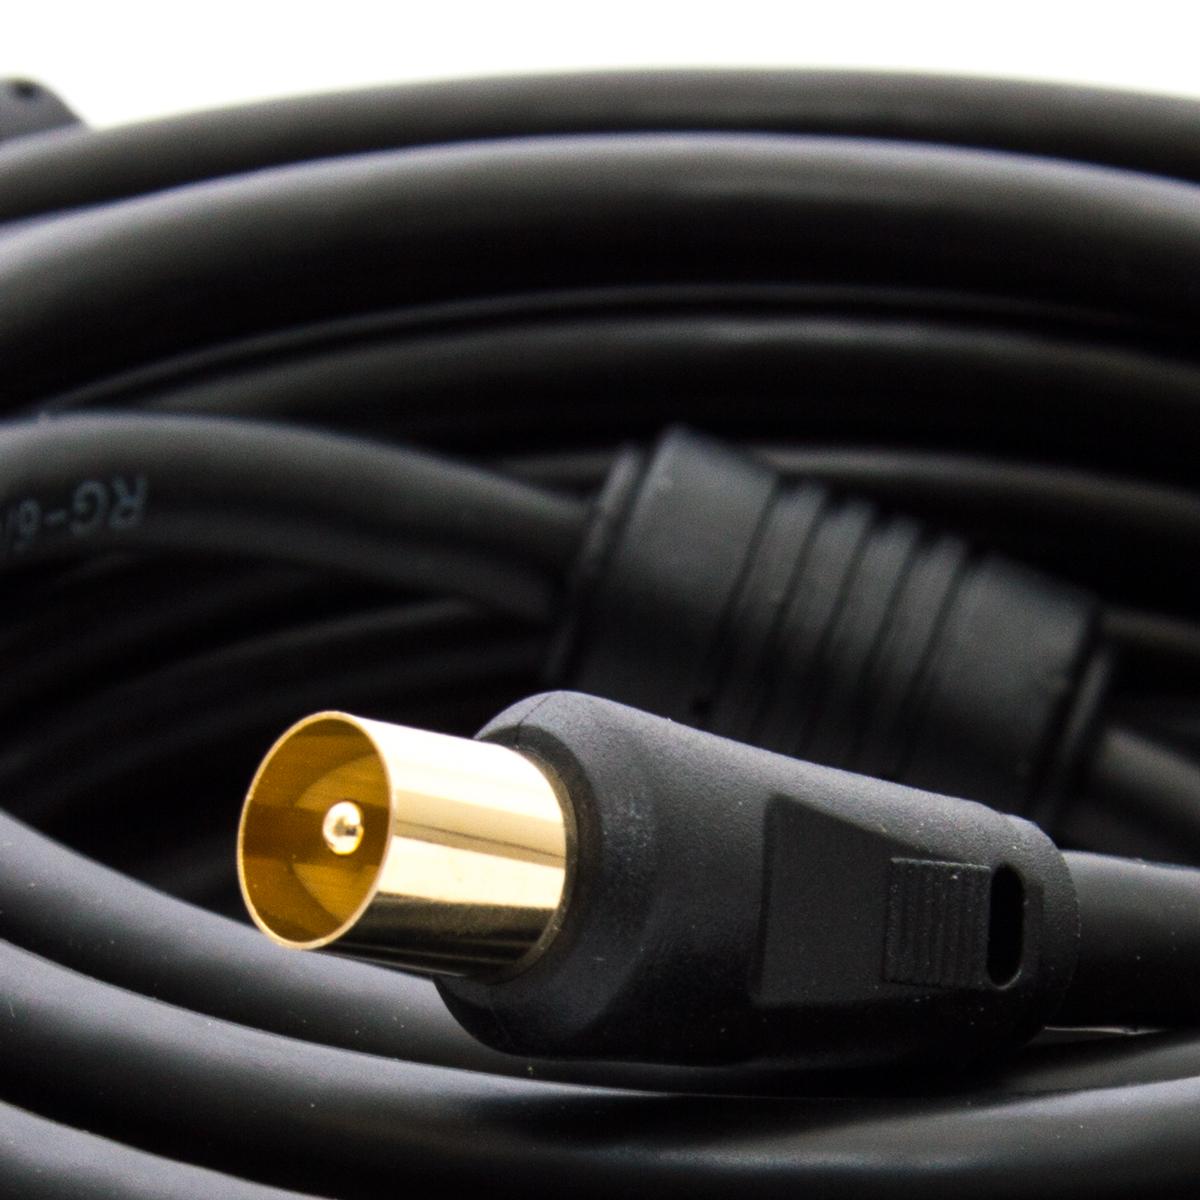 20m PremiumX HDTV TV Antennenkabel Koax Stecker auf Buchse vergoldet 75 Ohm Koaxialkabel für Kabelanschluss DVB-T DVB-T2 mit Mantelstromfilter - 2x Ferritkern - Schwarz